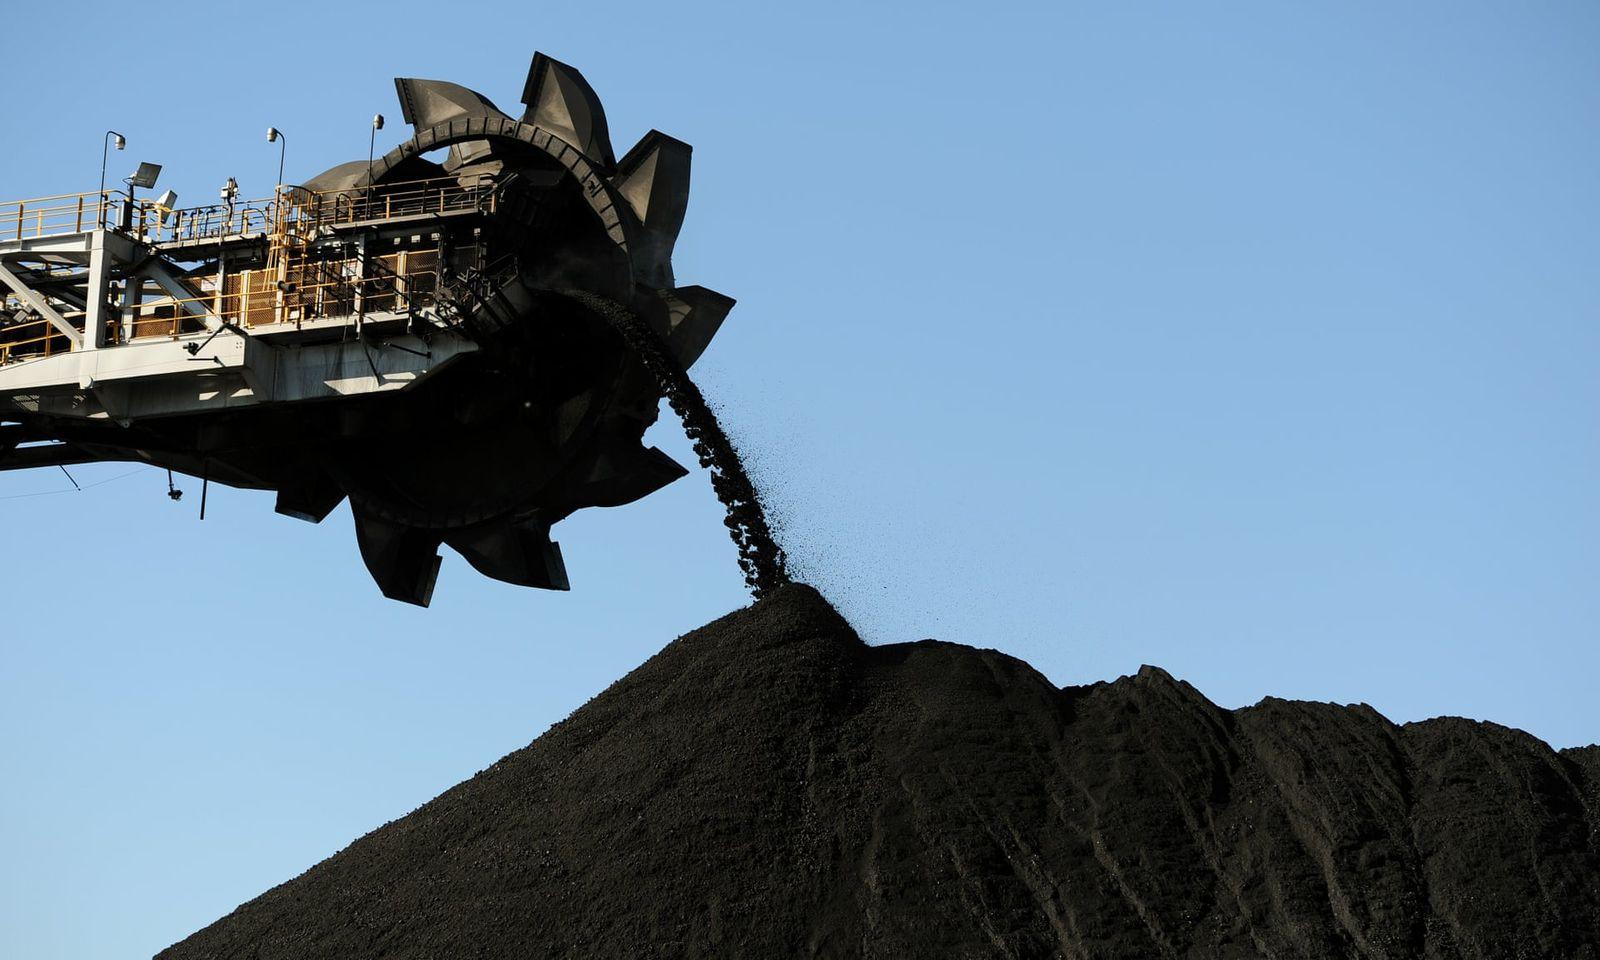 Хятадын цахилгаан станцууд Австралийн нүүрсийг авахаас татгалзаж эхэлснийг мэдээлжээ